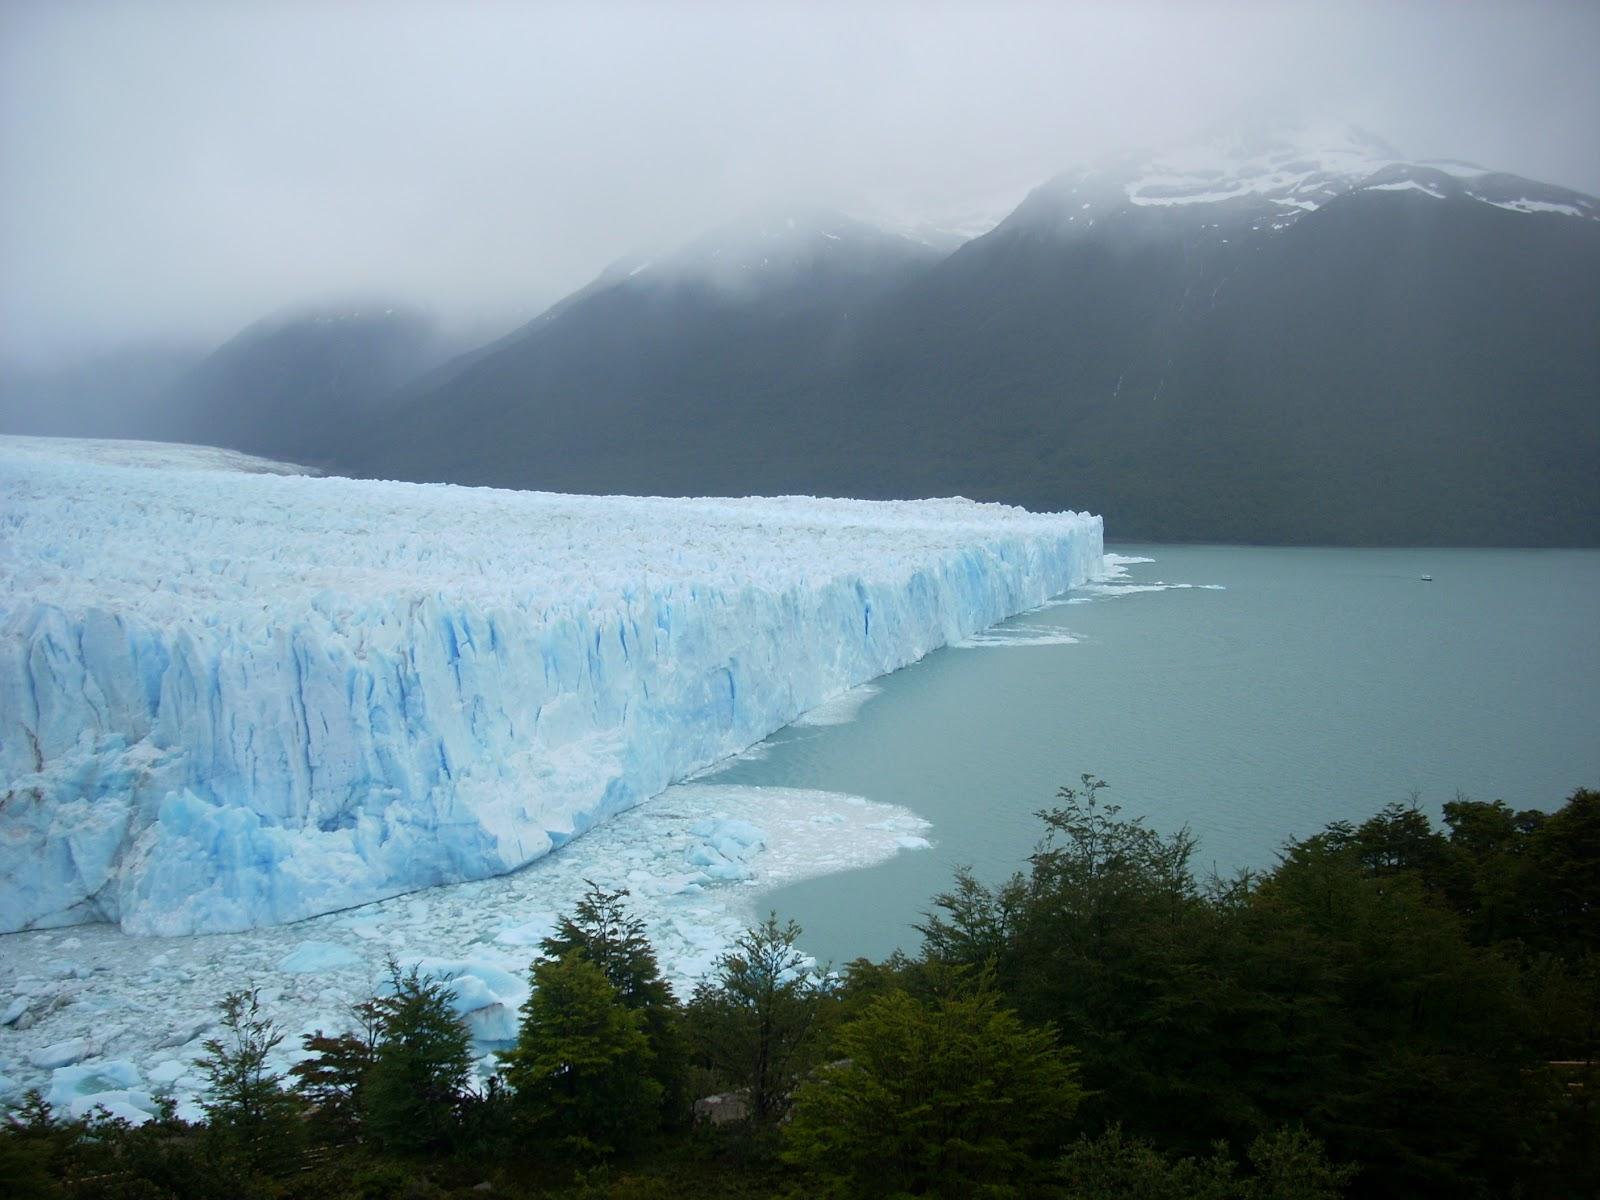 Perito Moreno - note boat in far right